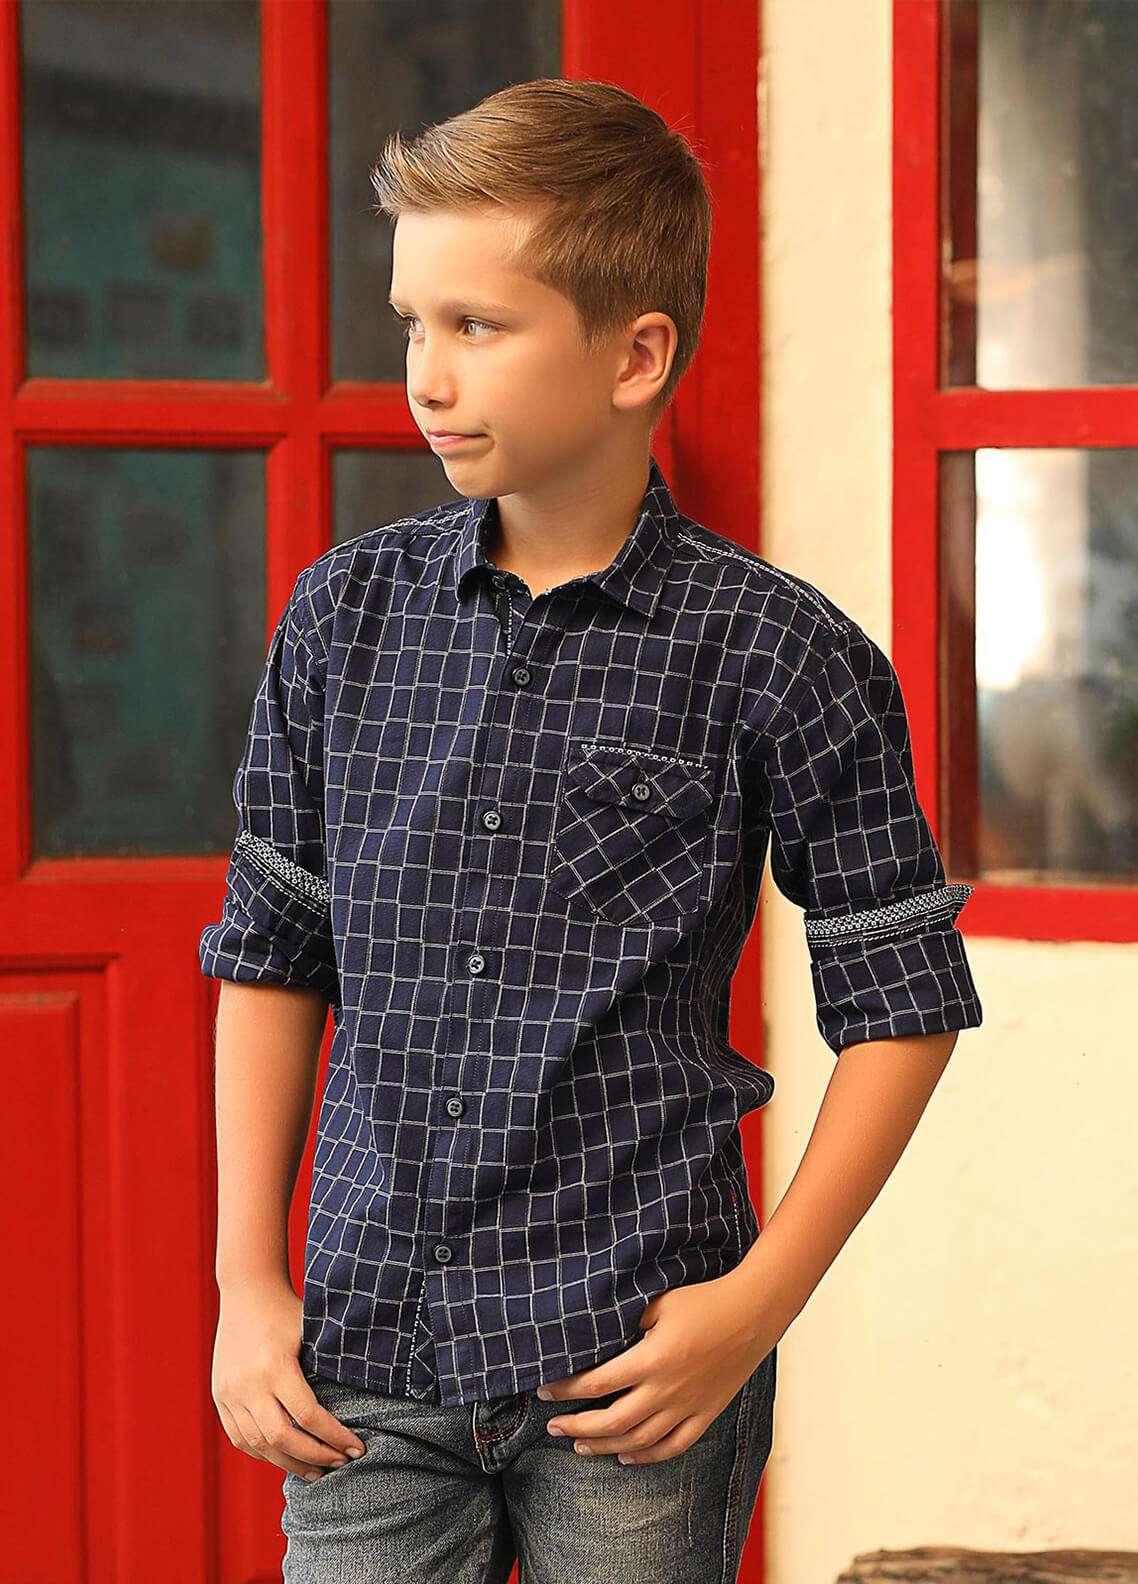 Edenrobe Cotton Casual Boys Shirts -  027199 Navy Blue